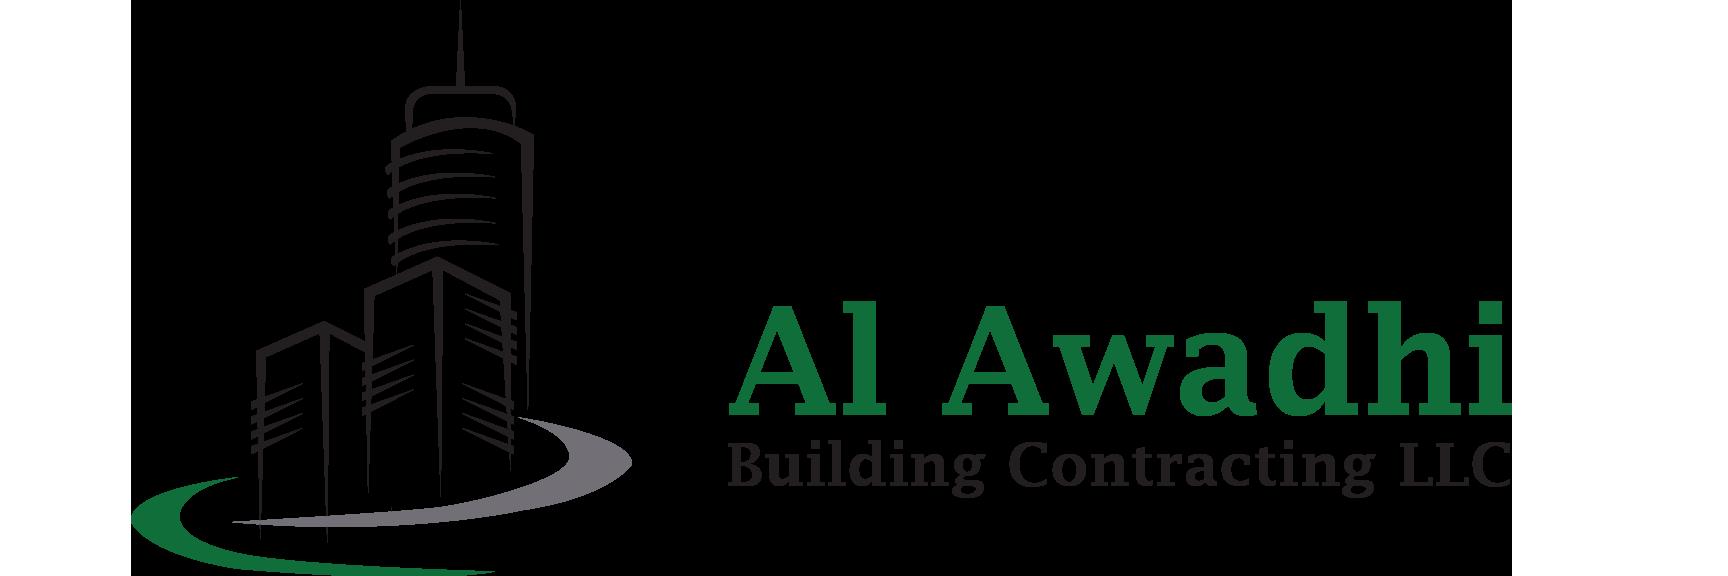 Al Awadhi Building Contracting LLC